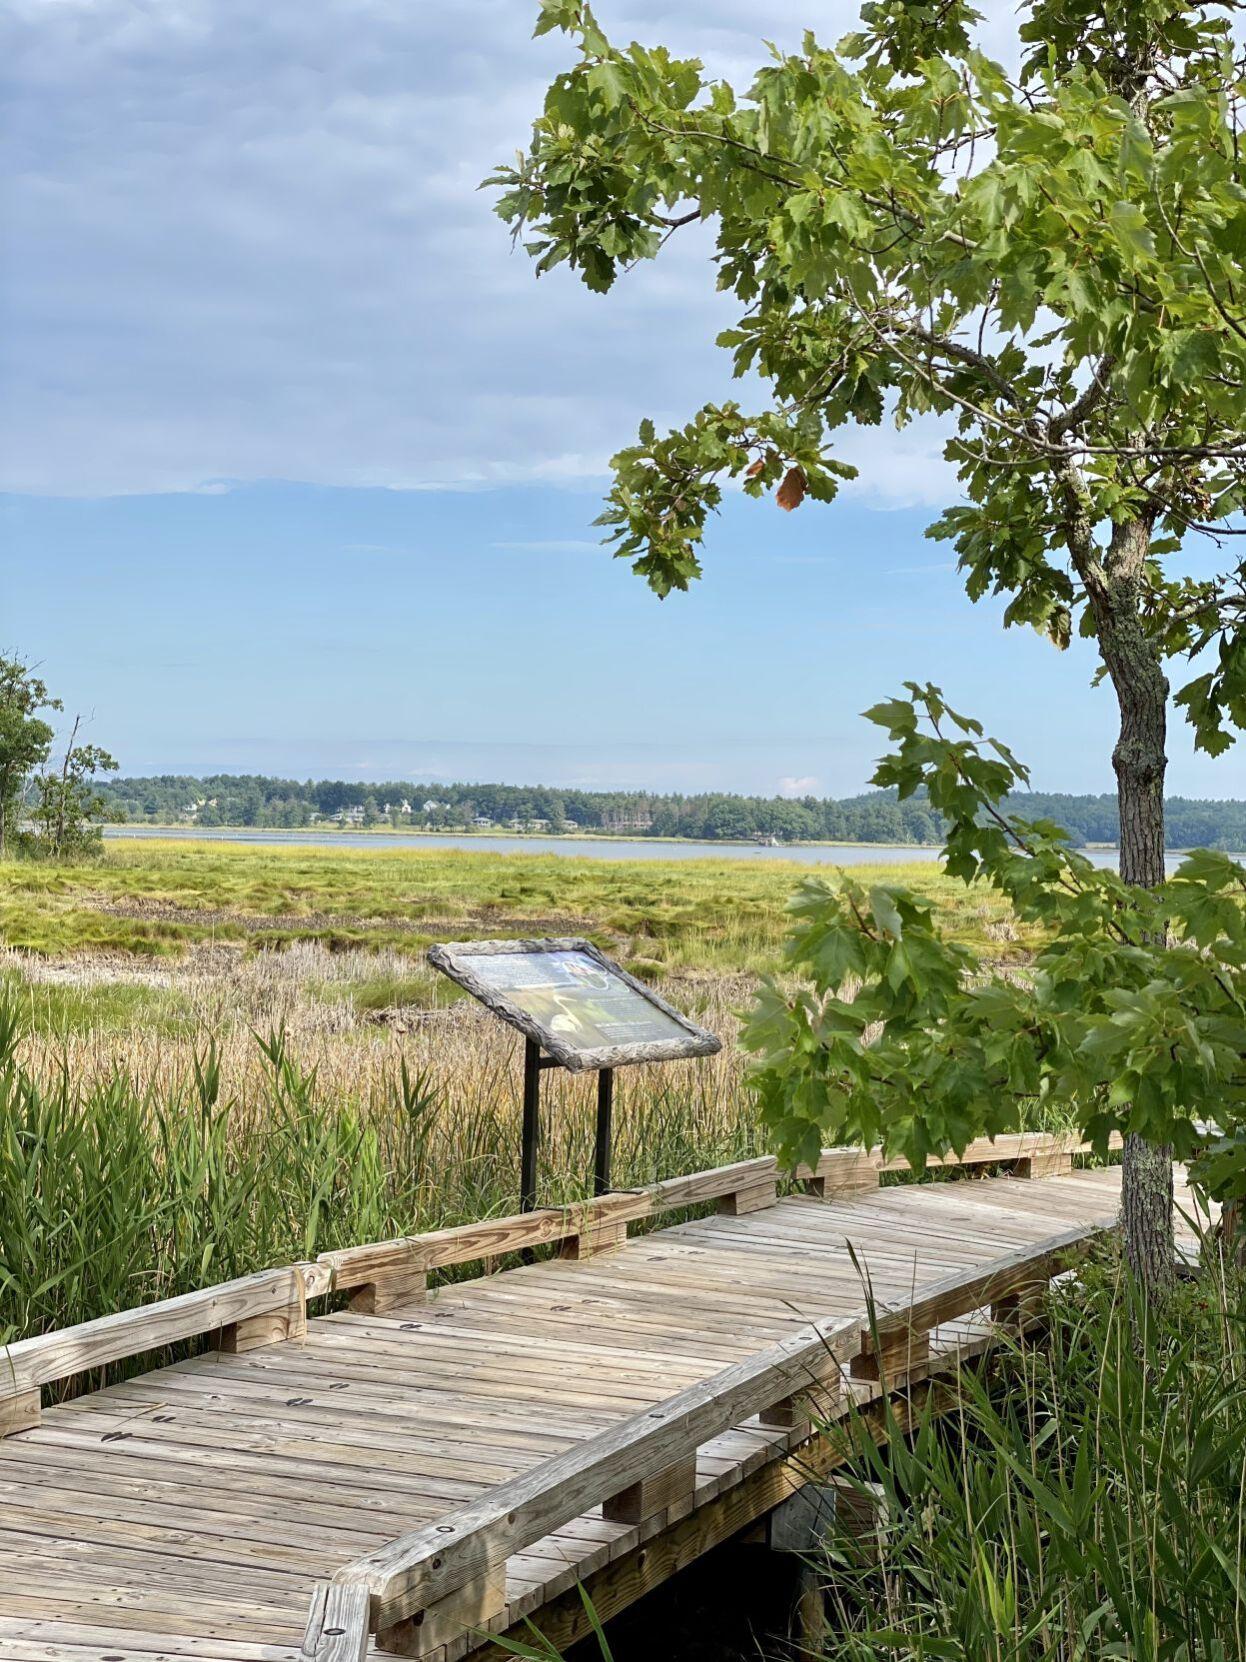 Boardwalk views